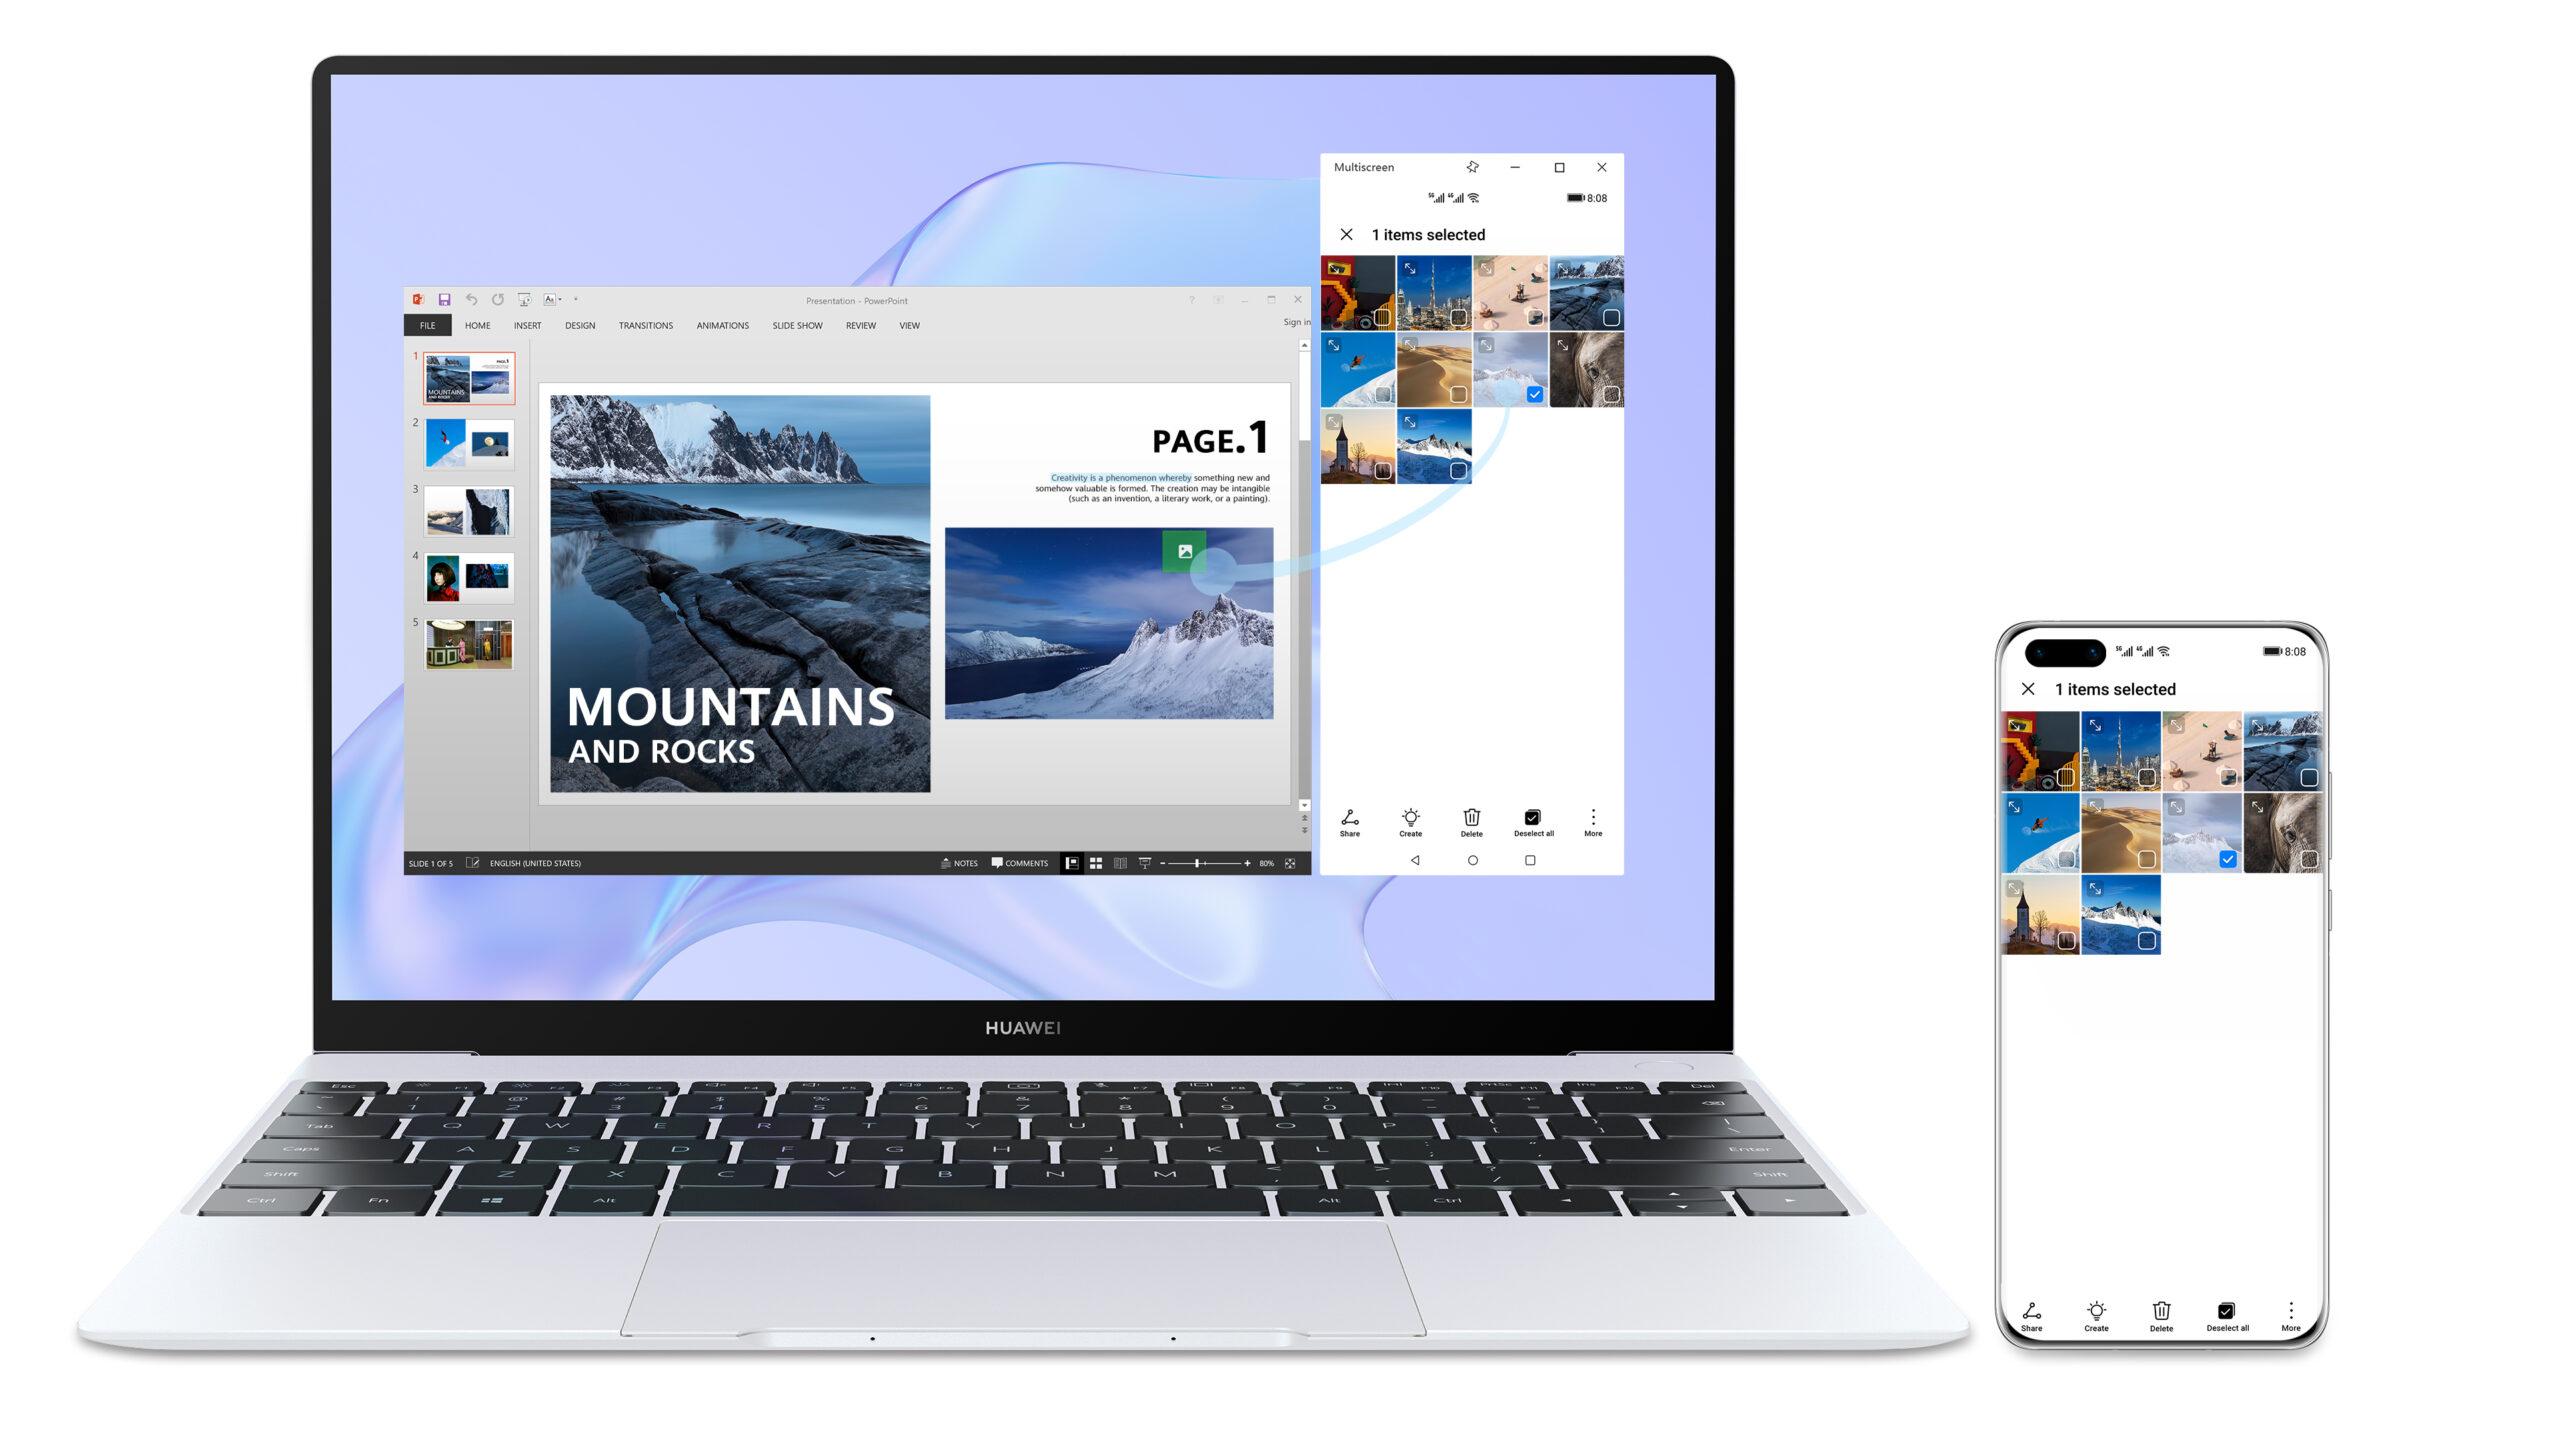 Huawei anunció en las últimas horas dos nuevos miembros para su familia de computadores portátiles: la MateBook X y la MateBook 14